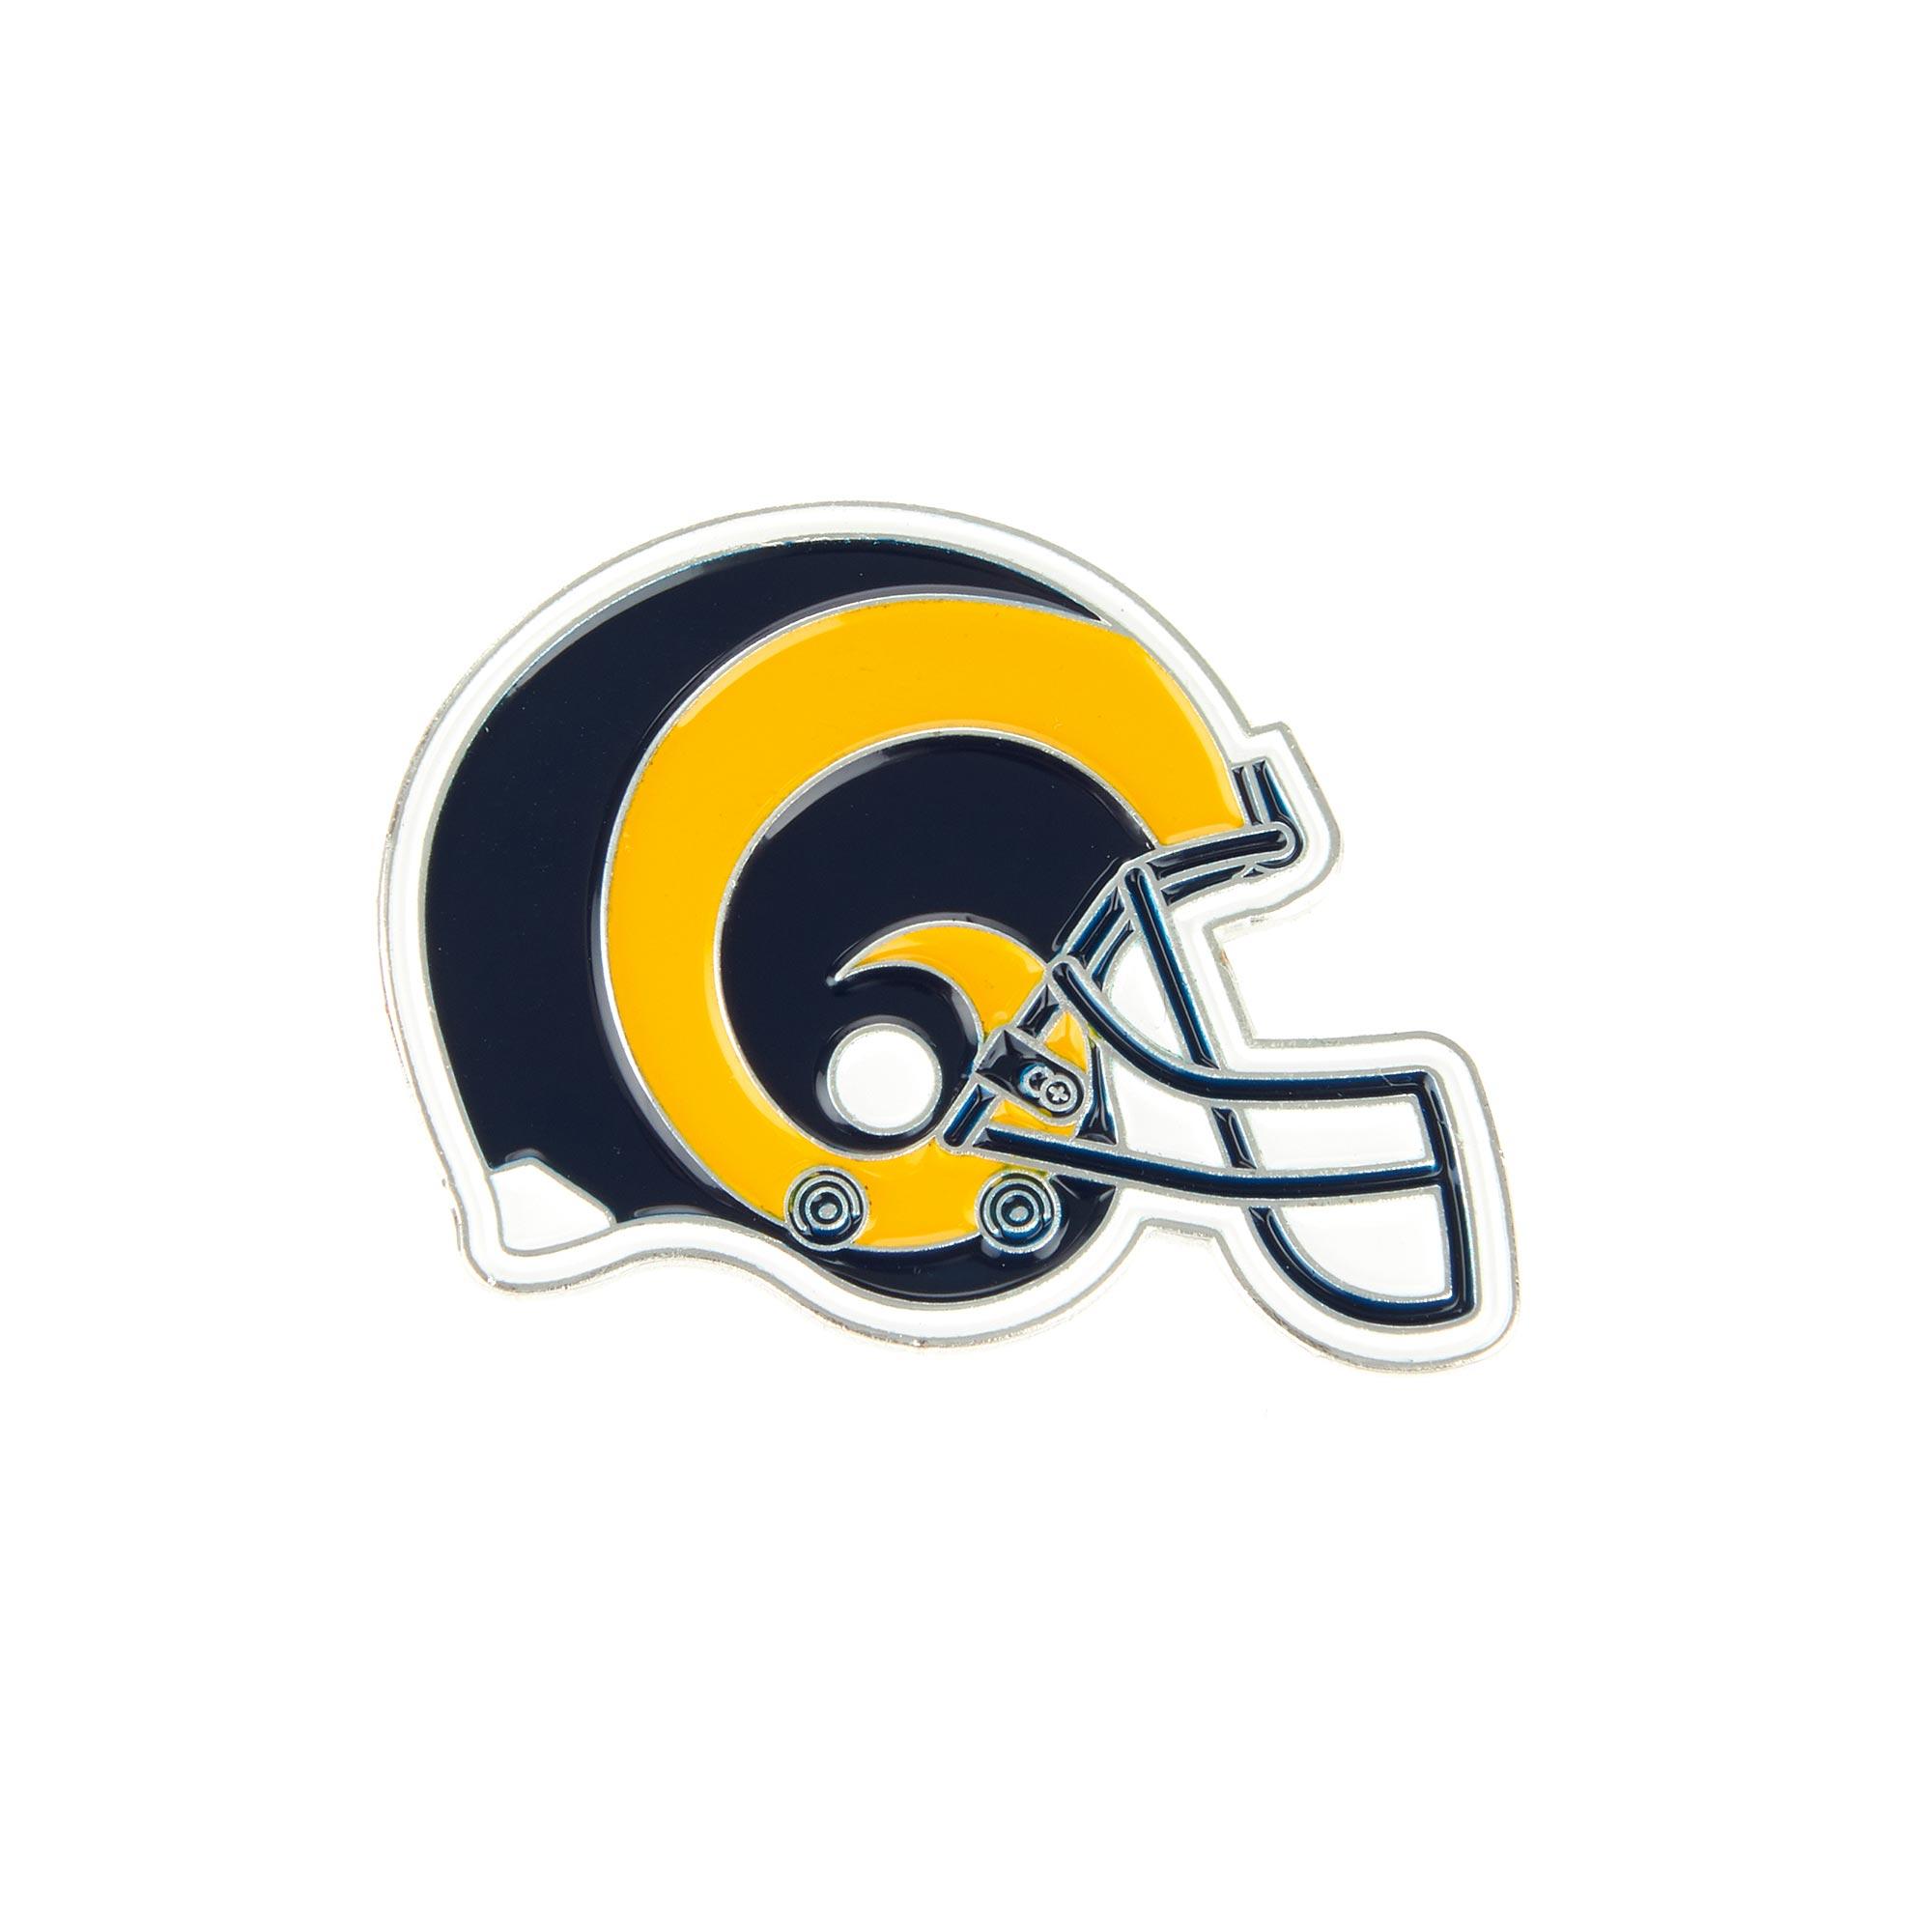 Los Angeles Rams Helmet Pin Badge